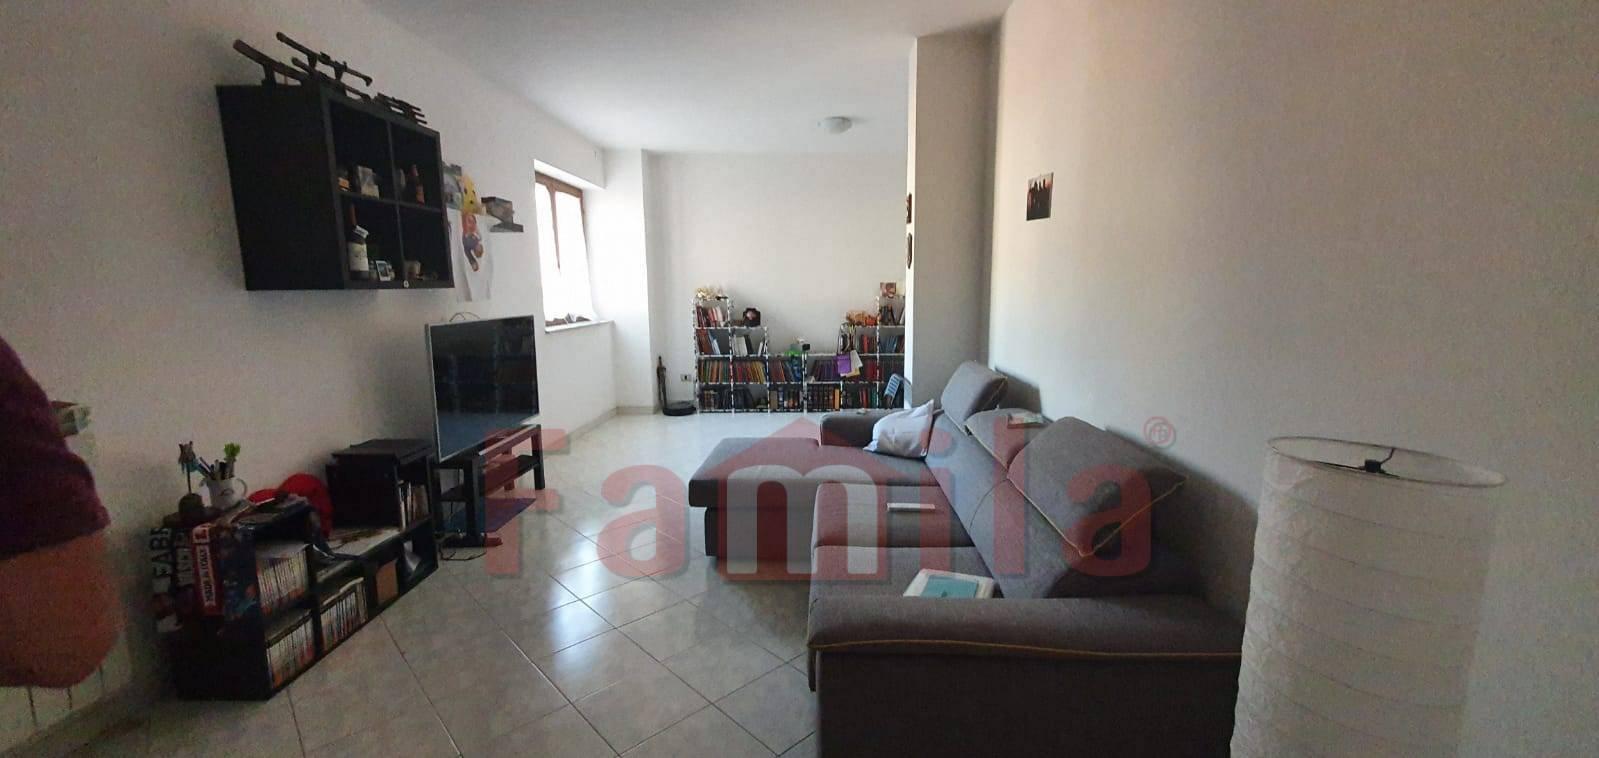 Appartamento in vendita a Sirignano, 3 locali, prezzo € 85.000   CambioCasa.it